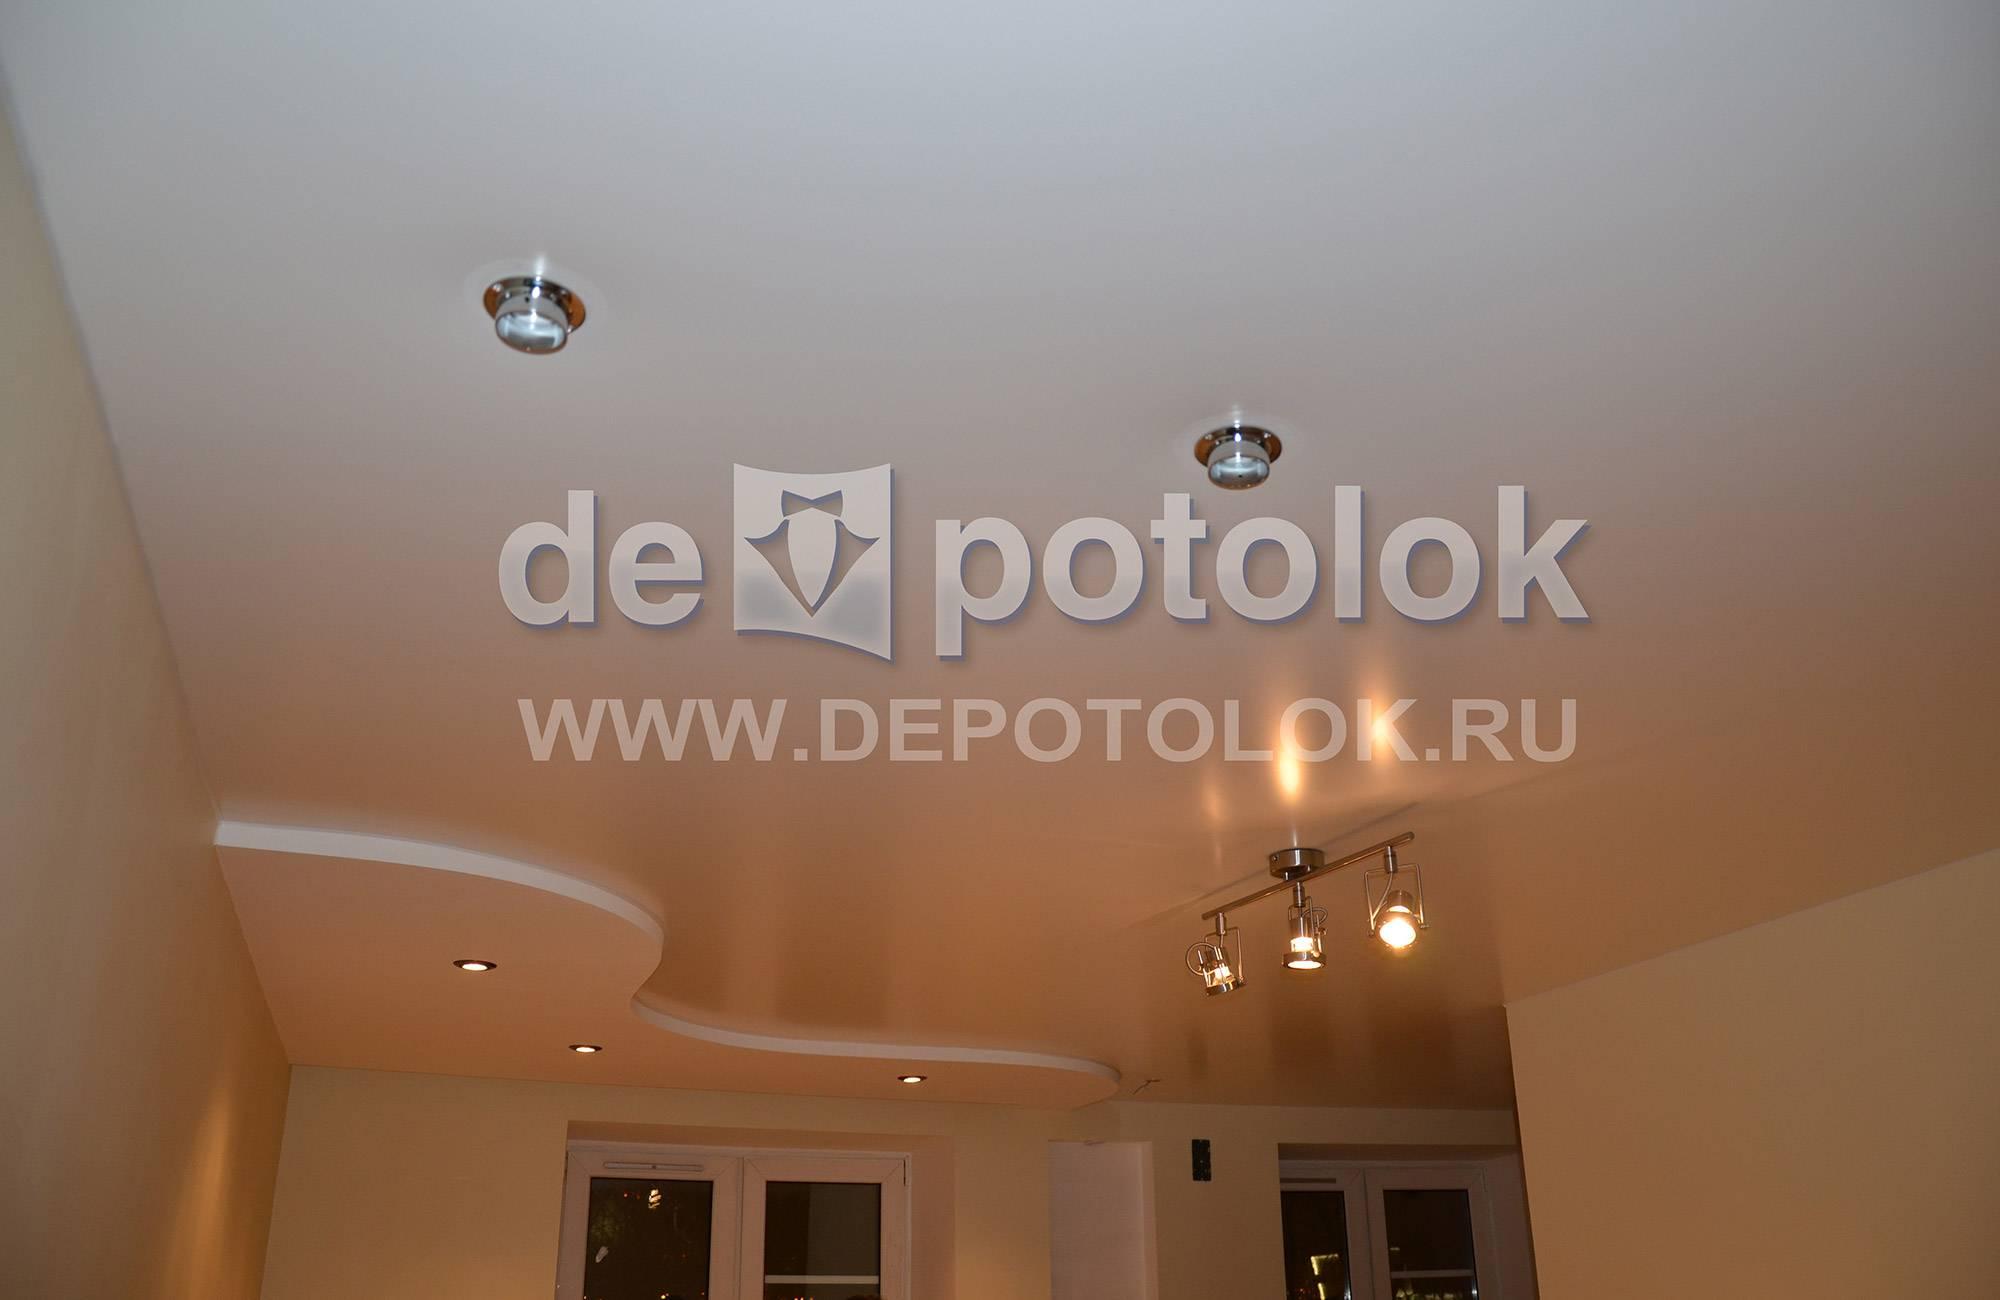 Натяжные тканевые потолки фото - варианты в интерьере, все расцветки и особенности монтажа